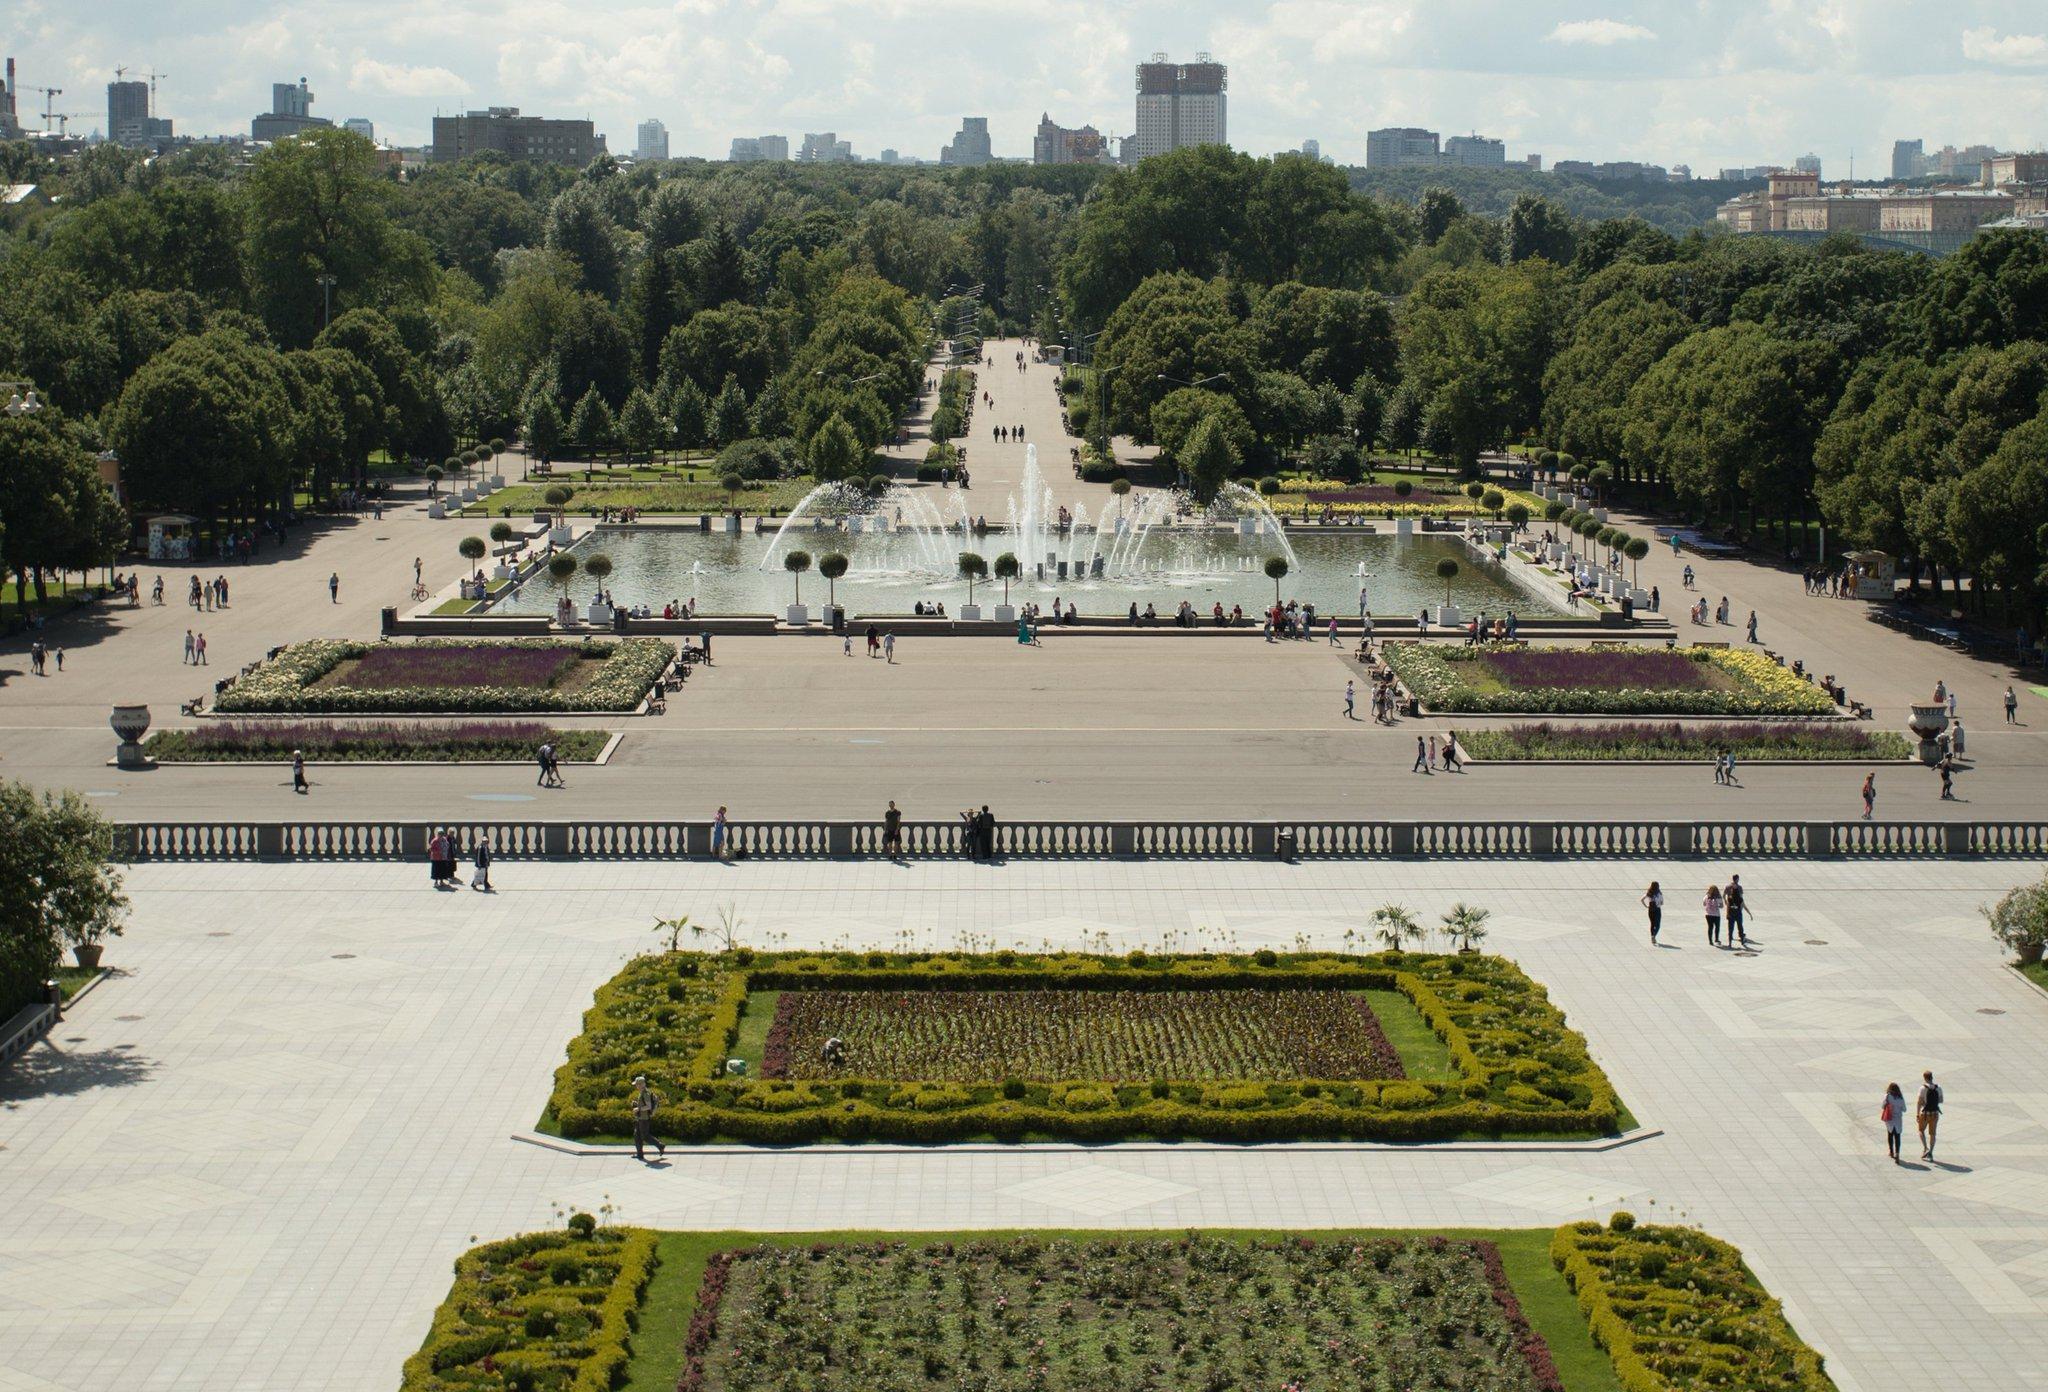 русский где можно найти фото из парка горького открытии олимпиады